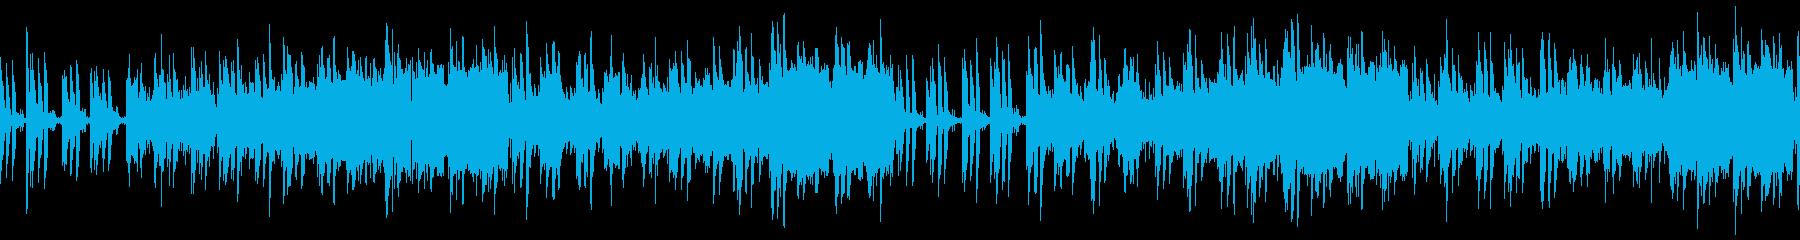 【ドラム抜き】シリアス要素の強いホラー…の再生済みの波形